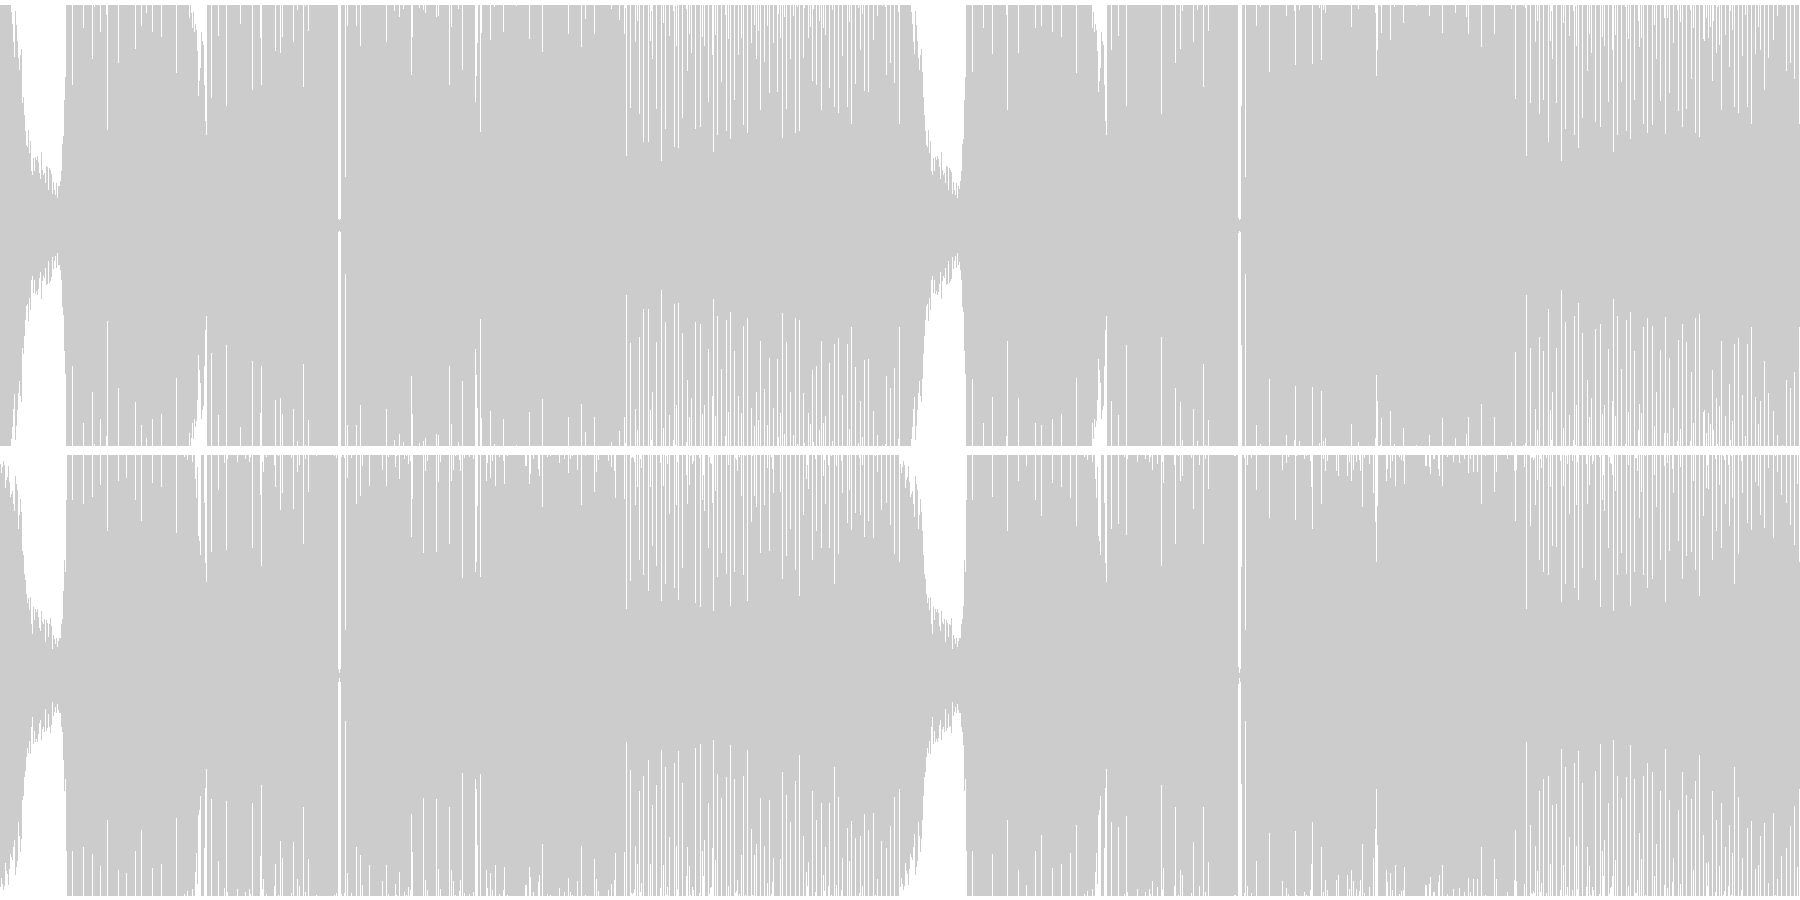 キャッチーでパワフルなEDMループの未再生の波形